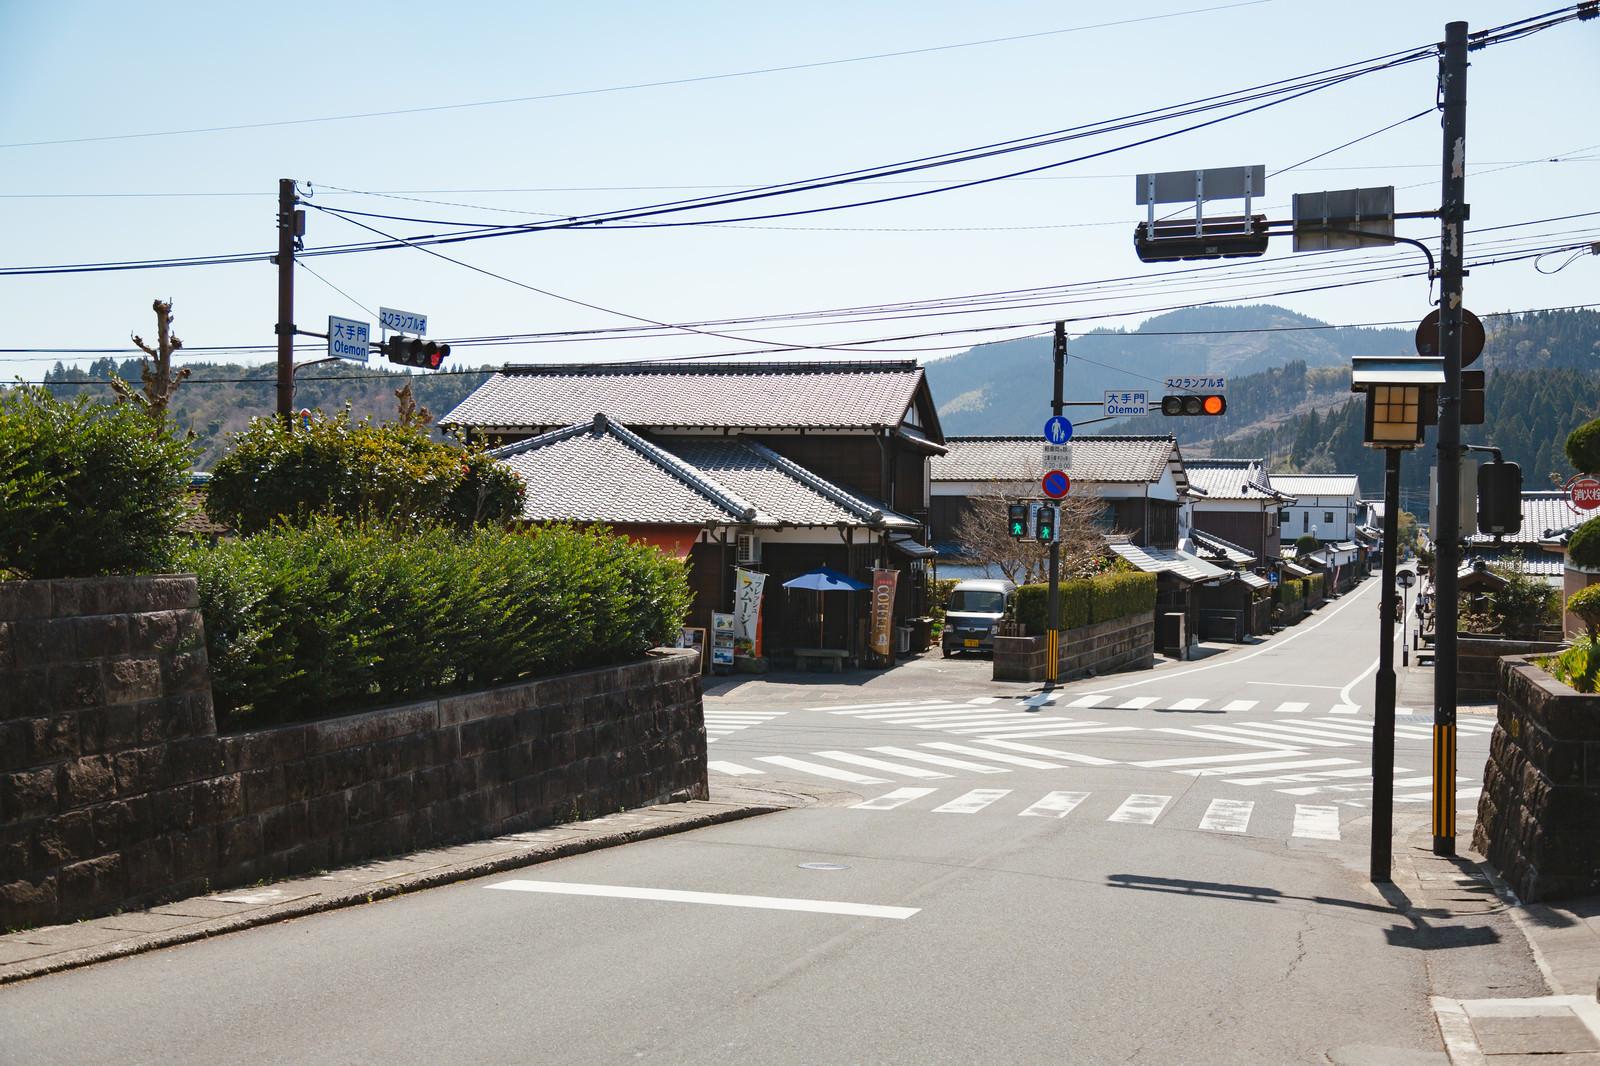 「小さなスクランブル交差点(宮崎県日南市の大手門交差点)」の写真